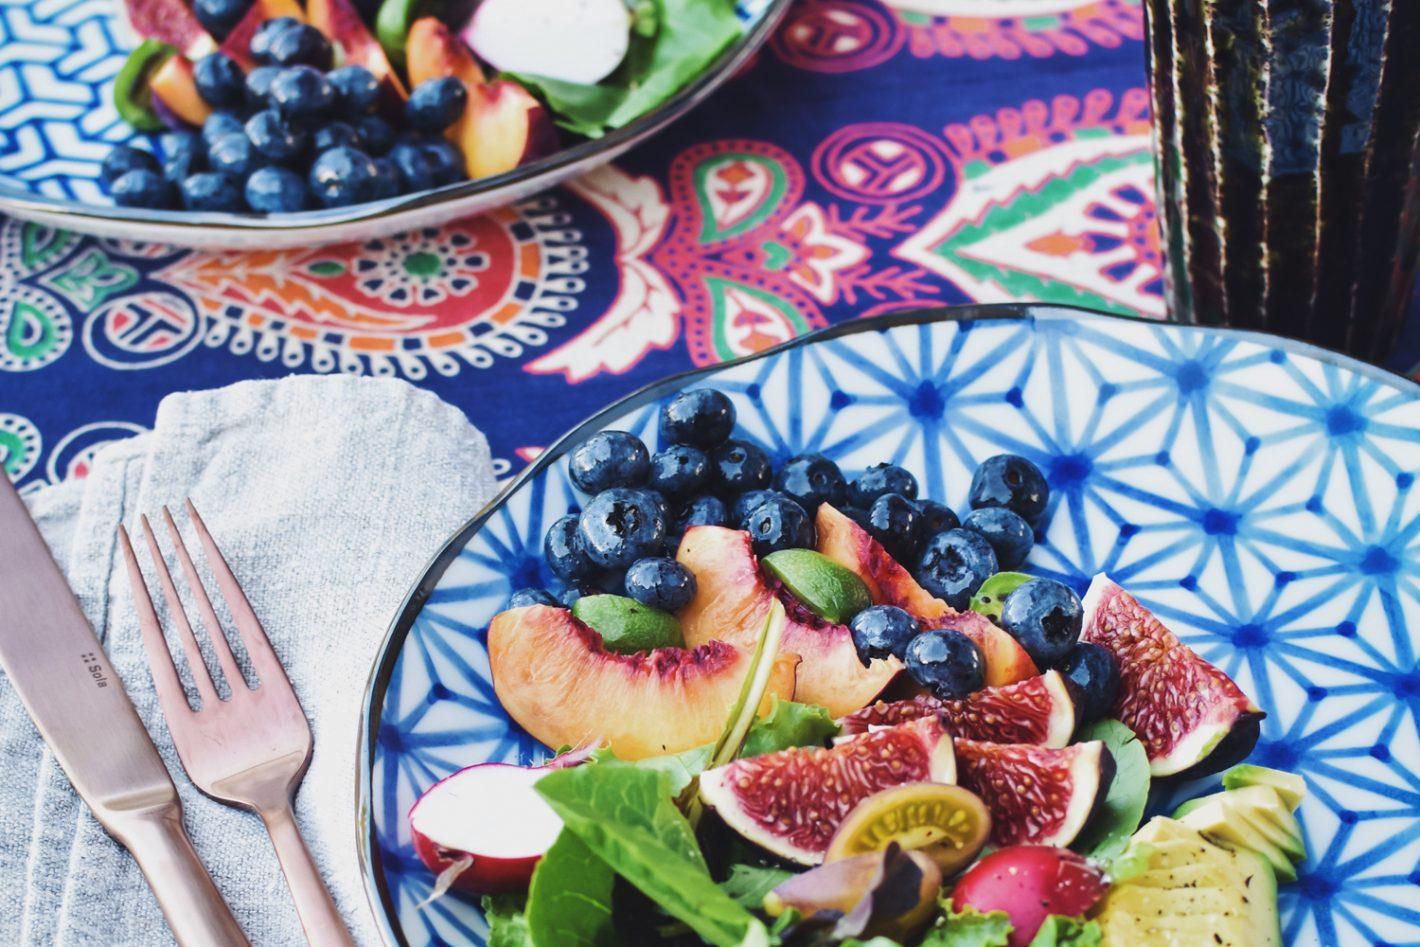 Salade d'été avec baies et avocat Nikon D3400 @ 1/80s f/5.6 /ISO 200/ 35mm/ 35.0mm f/1.8. Traitée avec VSCO avec f2 préréglé ©tastyasheck